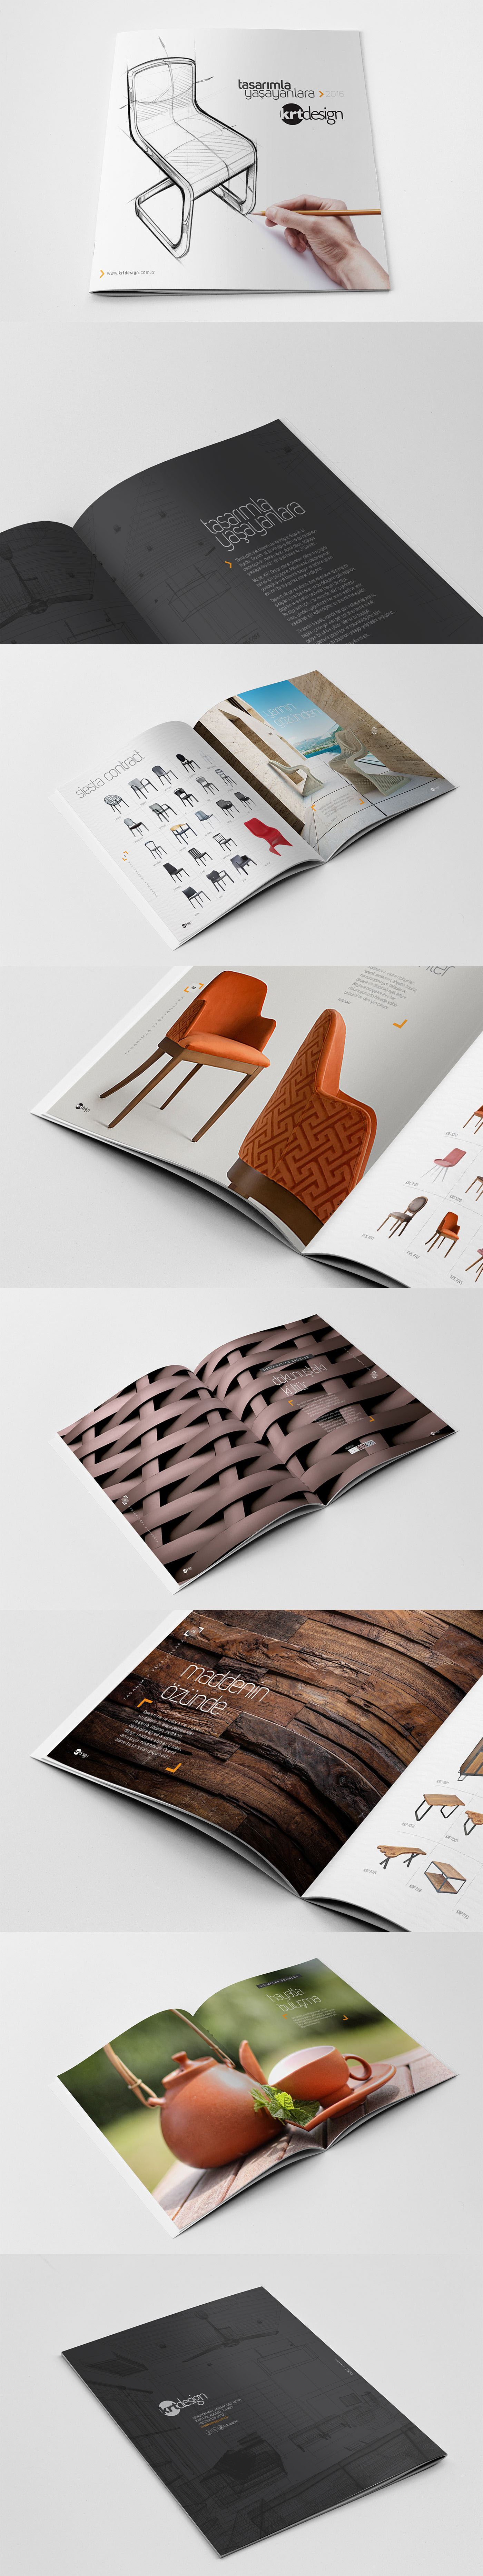 katalog krtdesign furniture izmit kocaeli dora